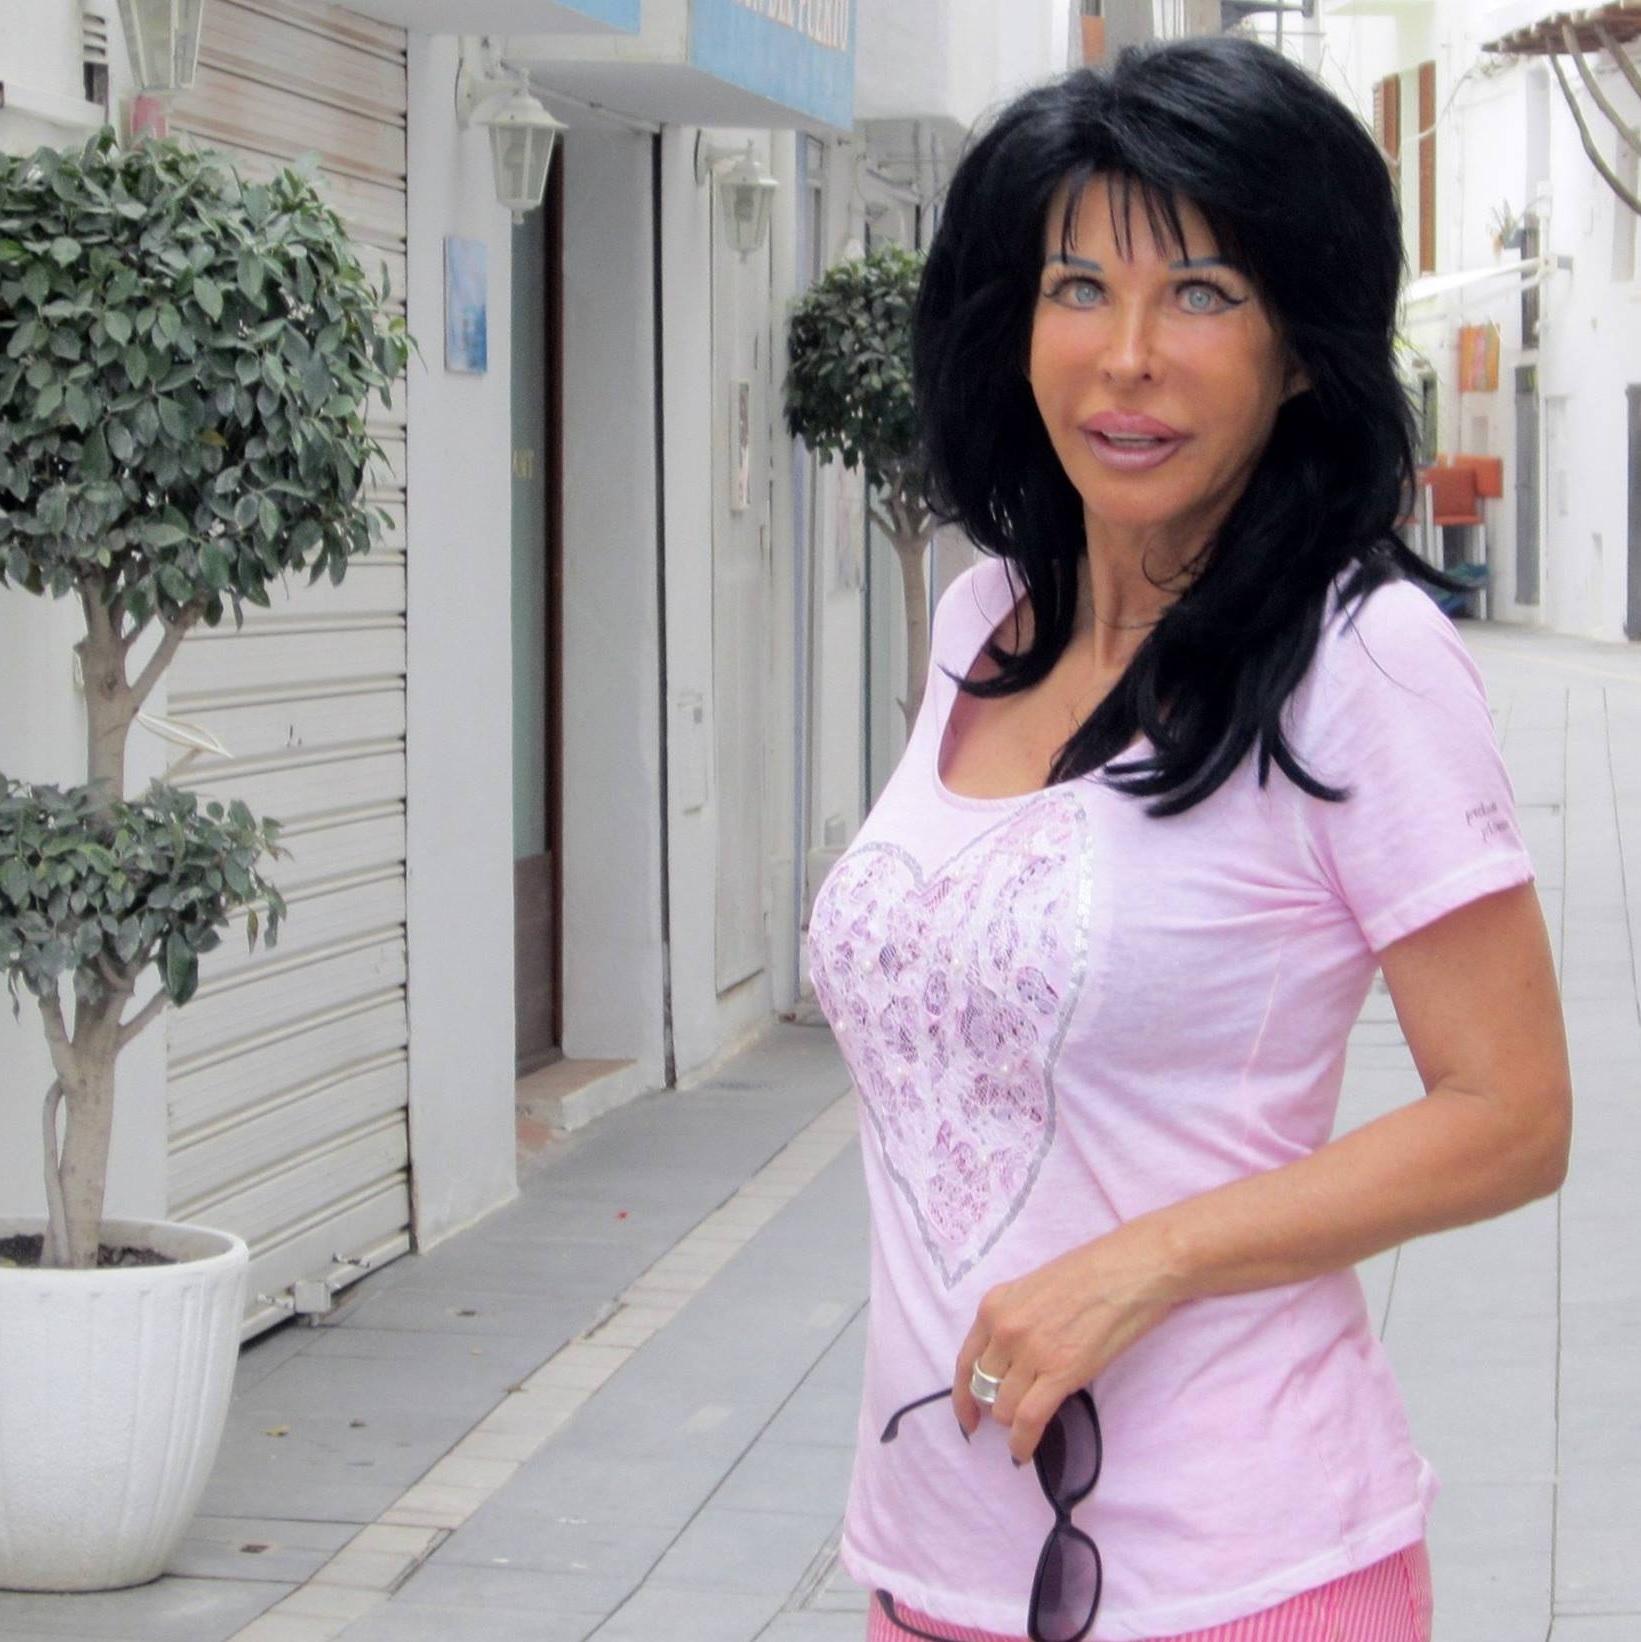 Carmen diaz Nude Photos 32